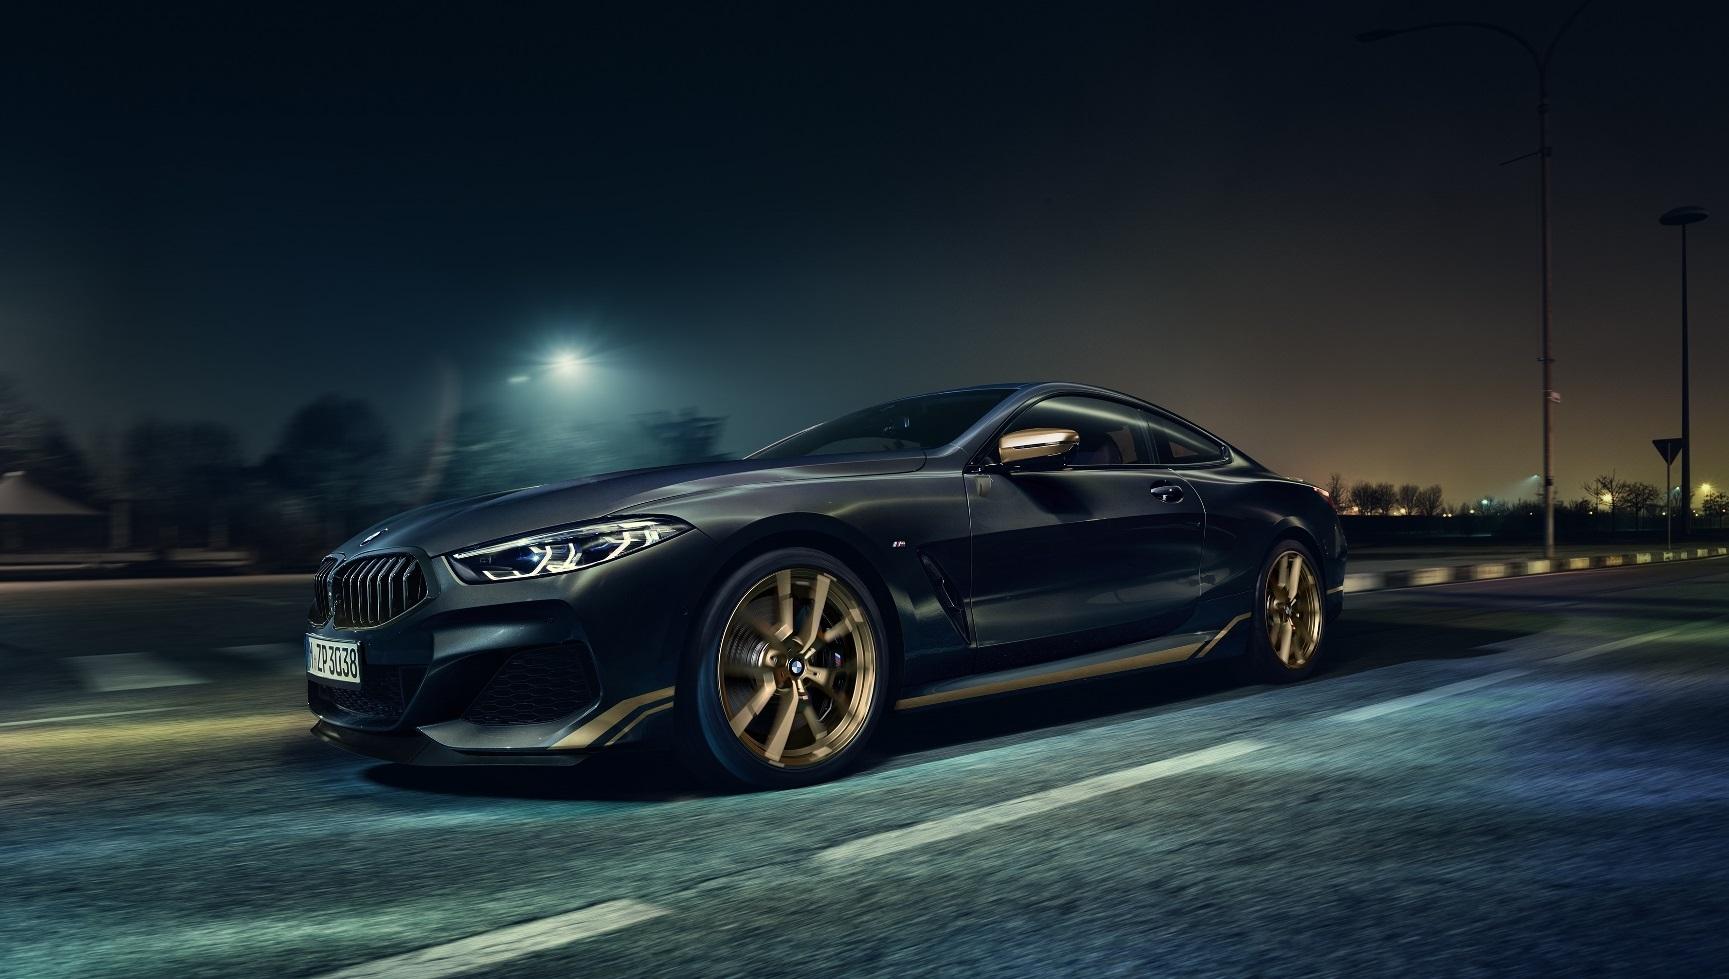 Špeciálne BMW radu 8 Golden Thunder Edition útočí na zmysly